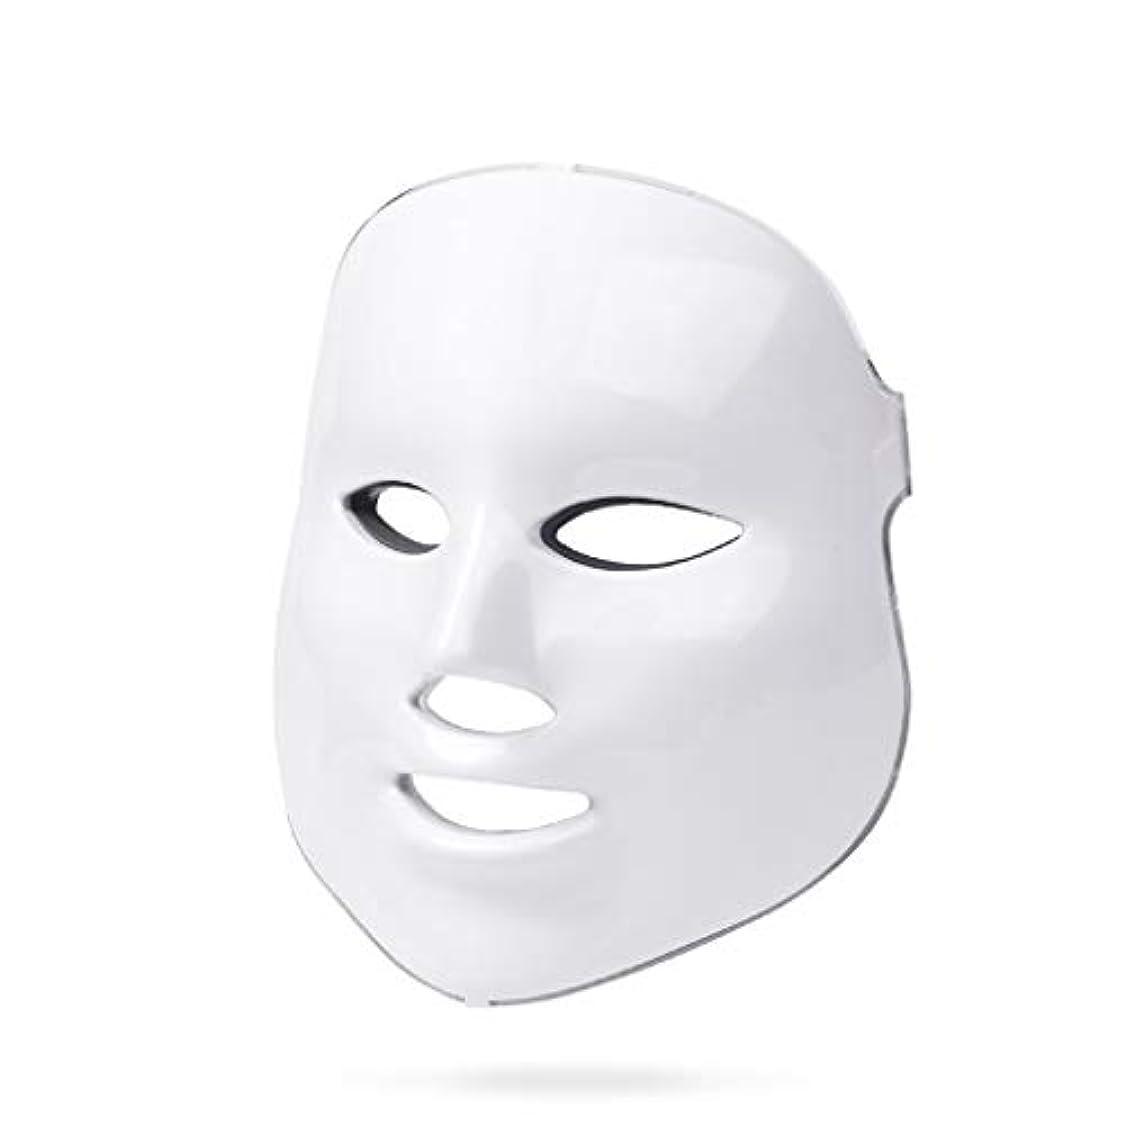 濃度促進する赤字ライトセラピー?マスク、ライトセラピーは調色、しわ、アクネホワイトニングマスクフェイシャルマスクセラピー7色のアンチエイジングスキンケアライトセラピーにきびを率いにきび治療をマスク (Color : White)